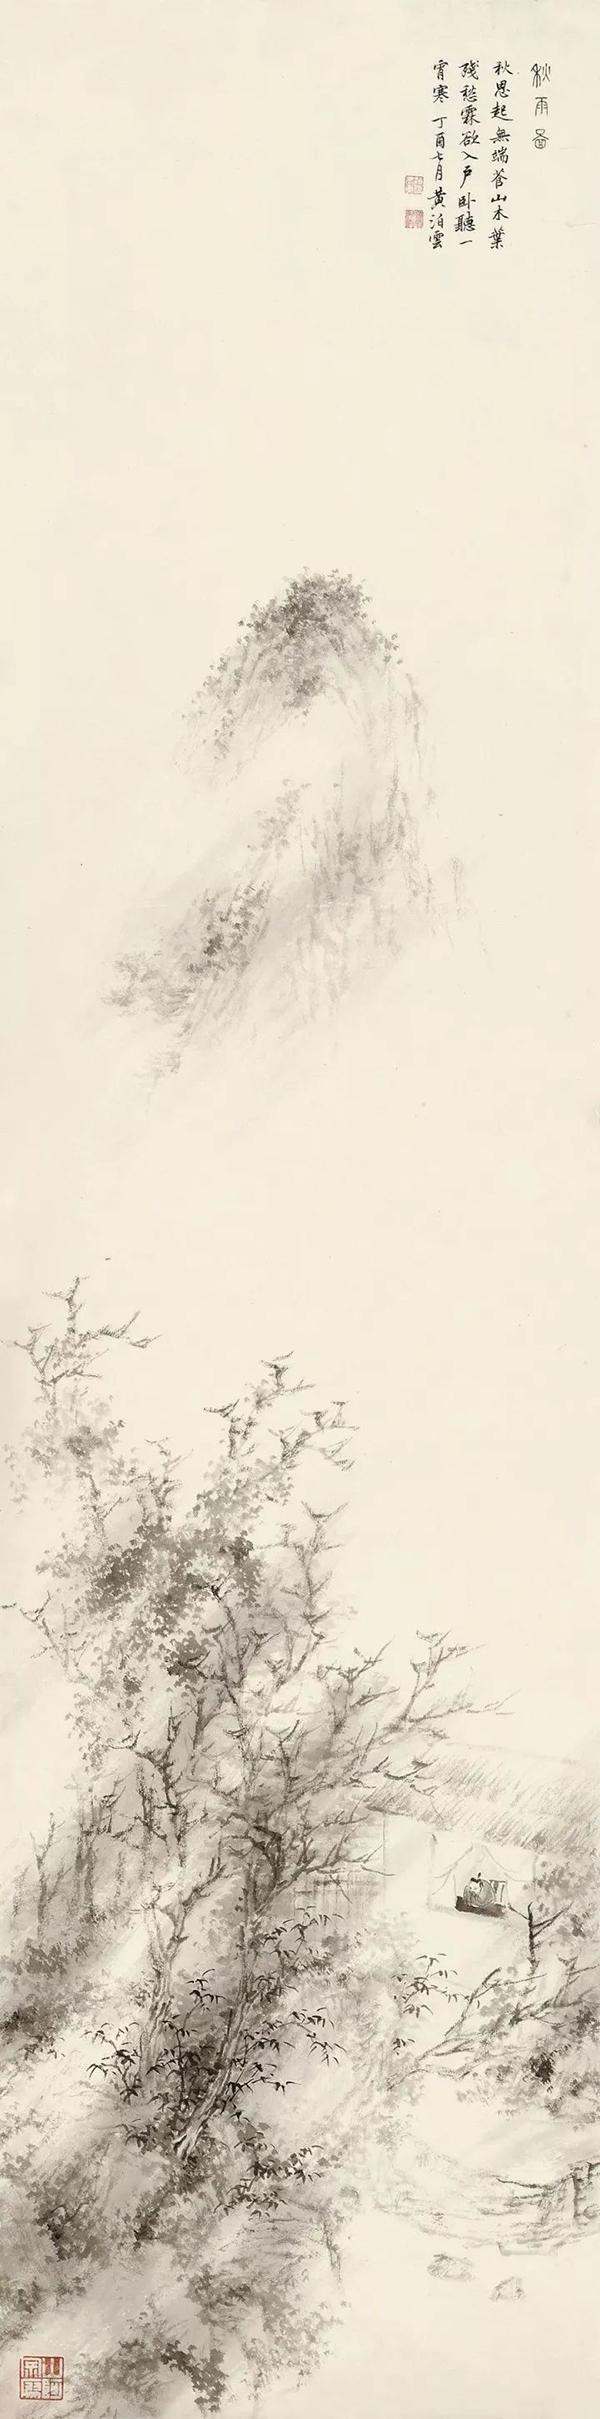 秋思中国风背景素材